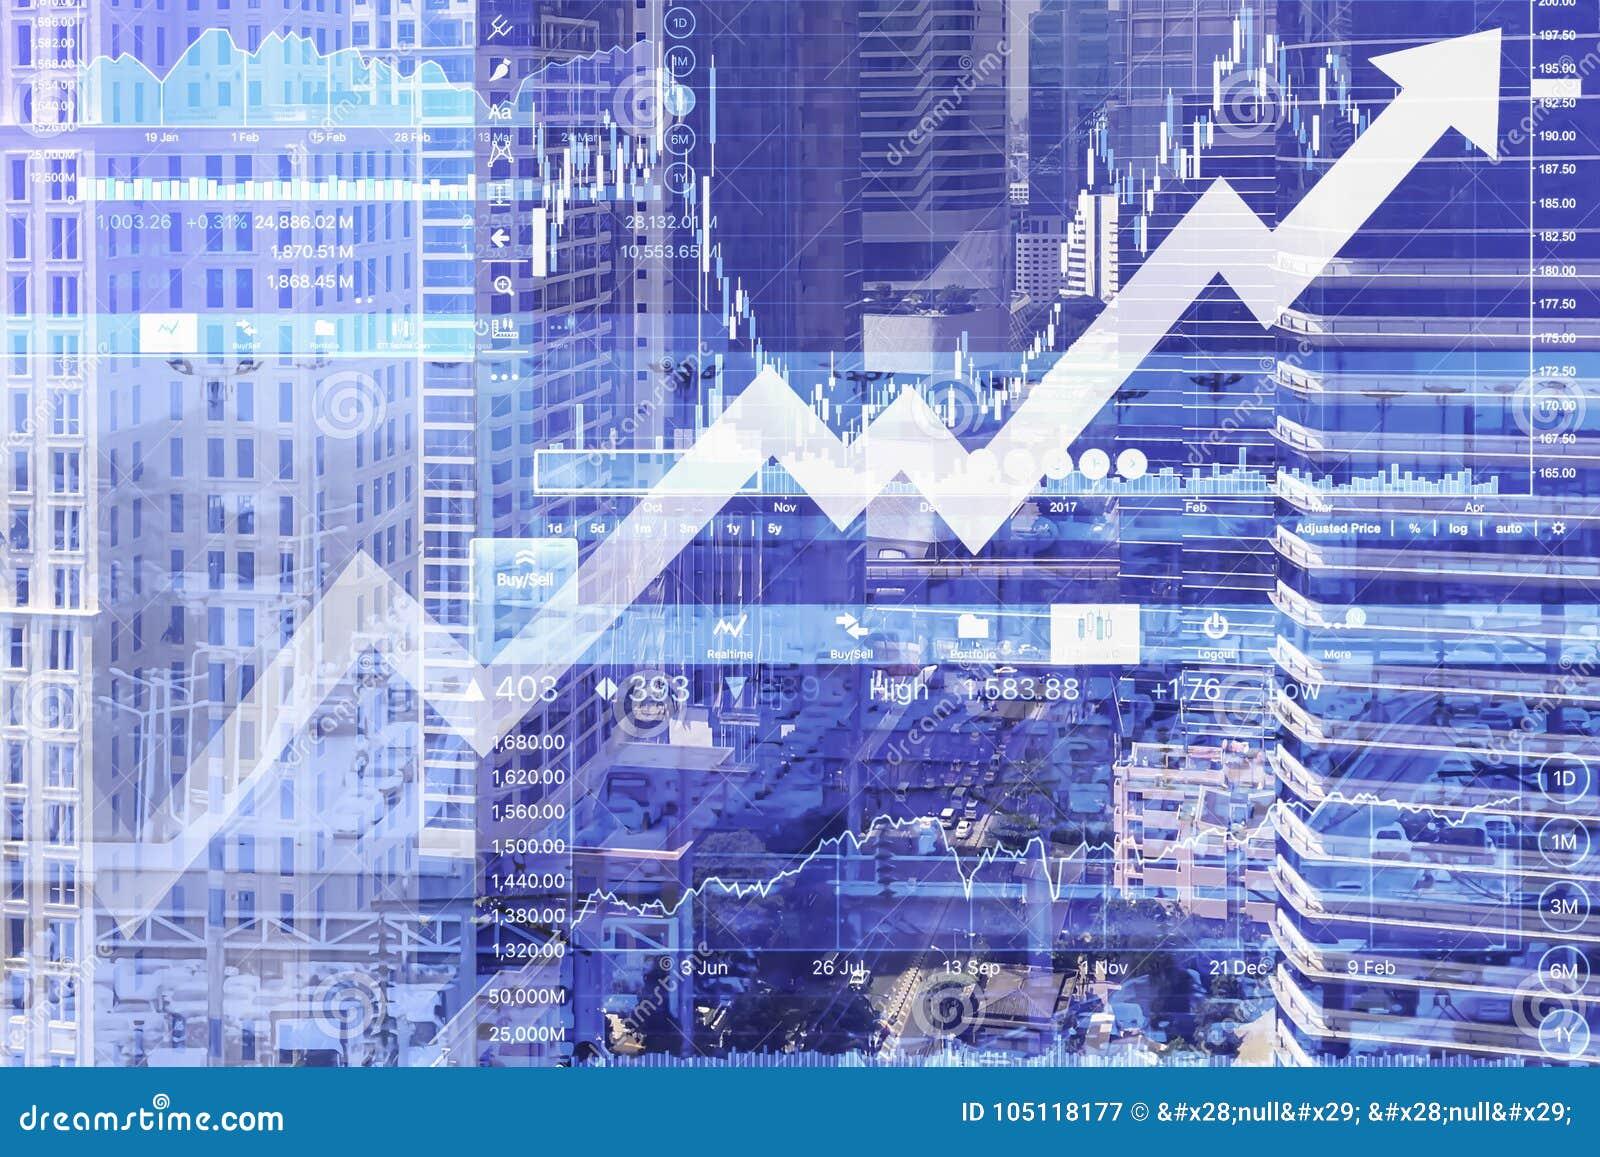 Недвижимость и стоимость строительства поднимают вверх показанный диаграммой